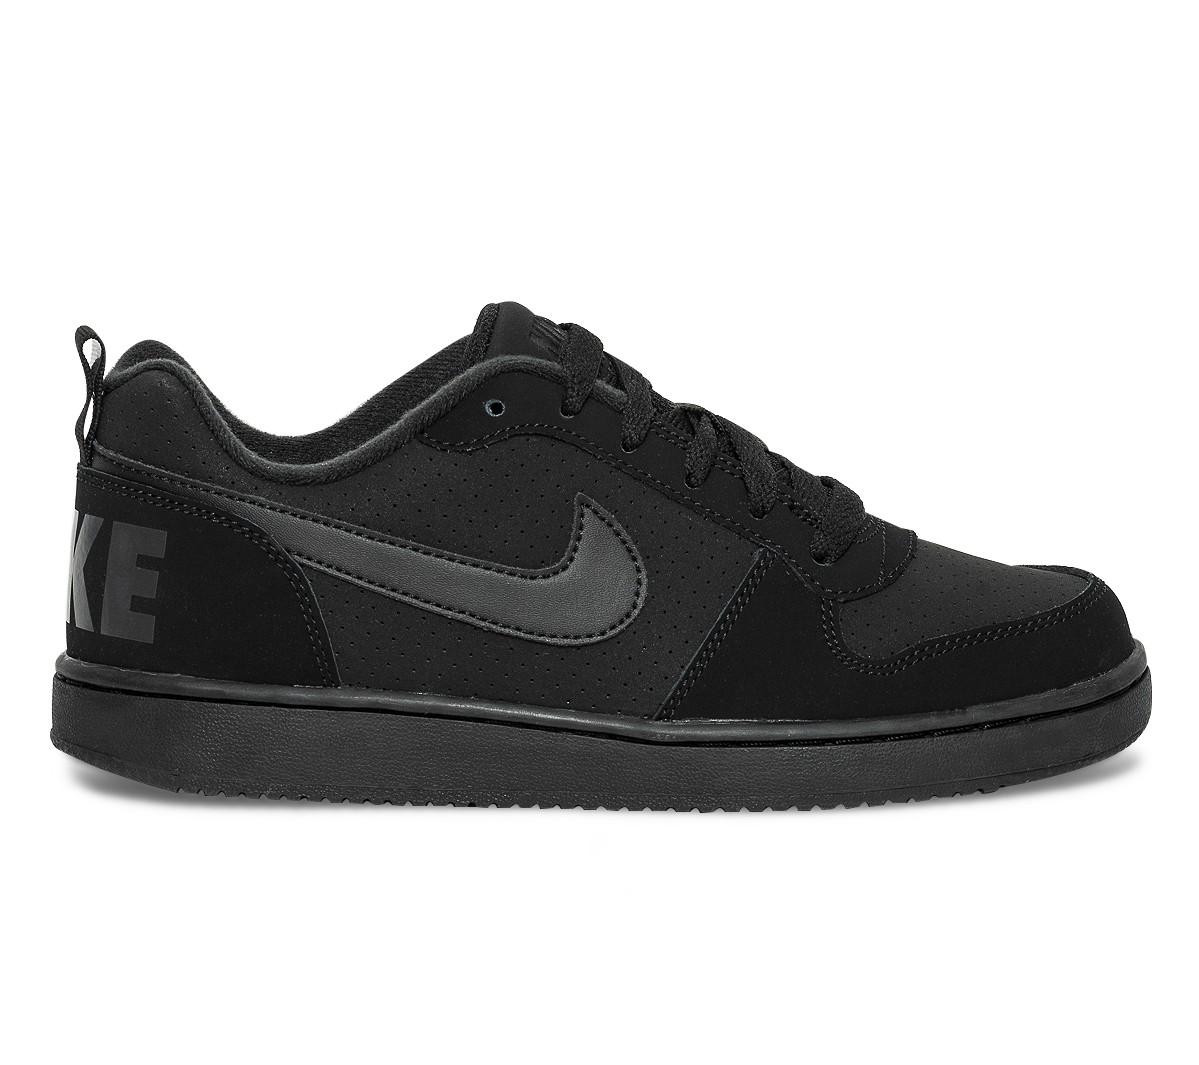 basket nike cuir noir,BASKET Nike Basket Air Max Tavas